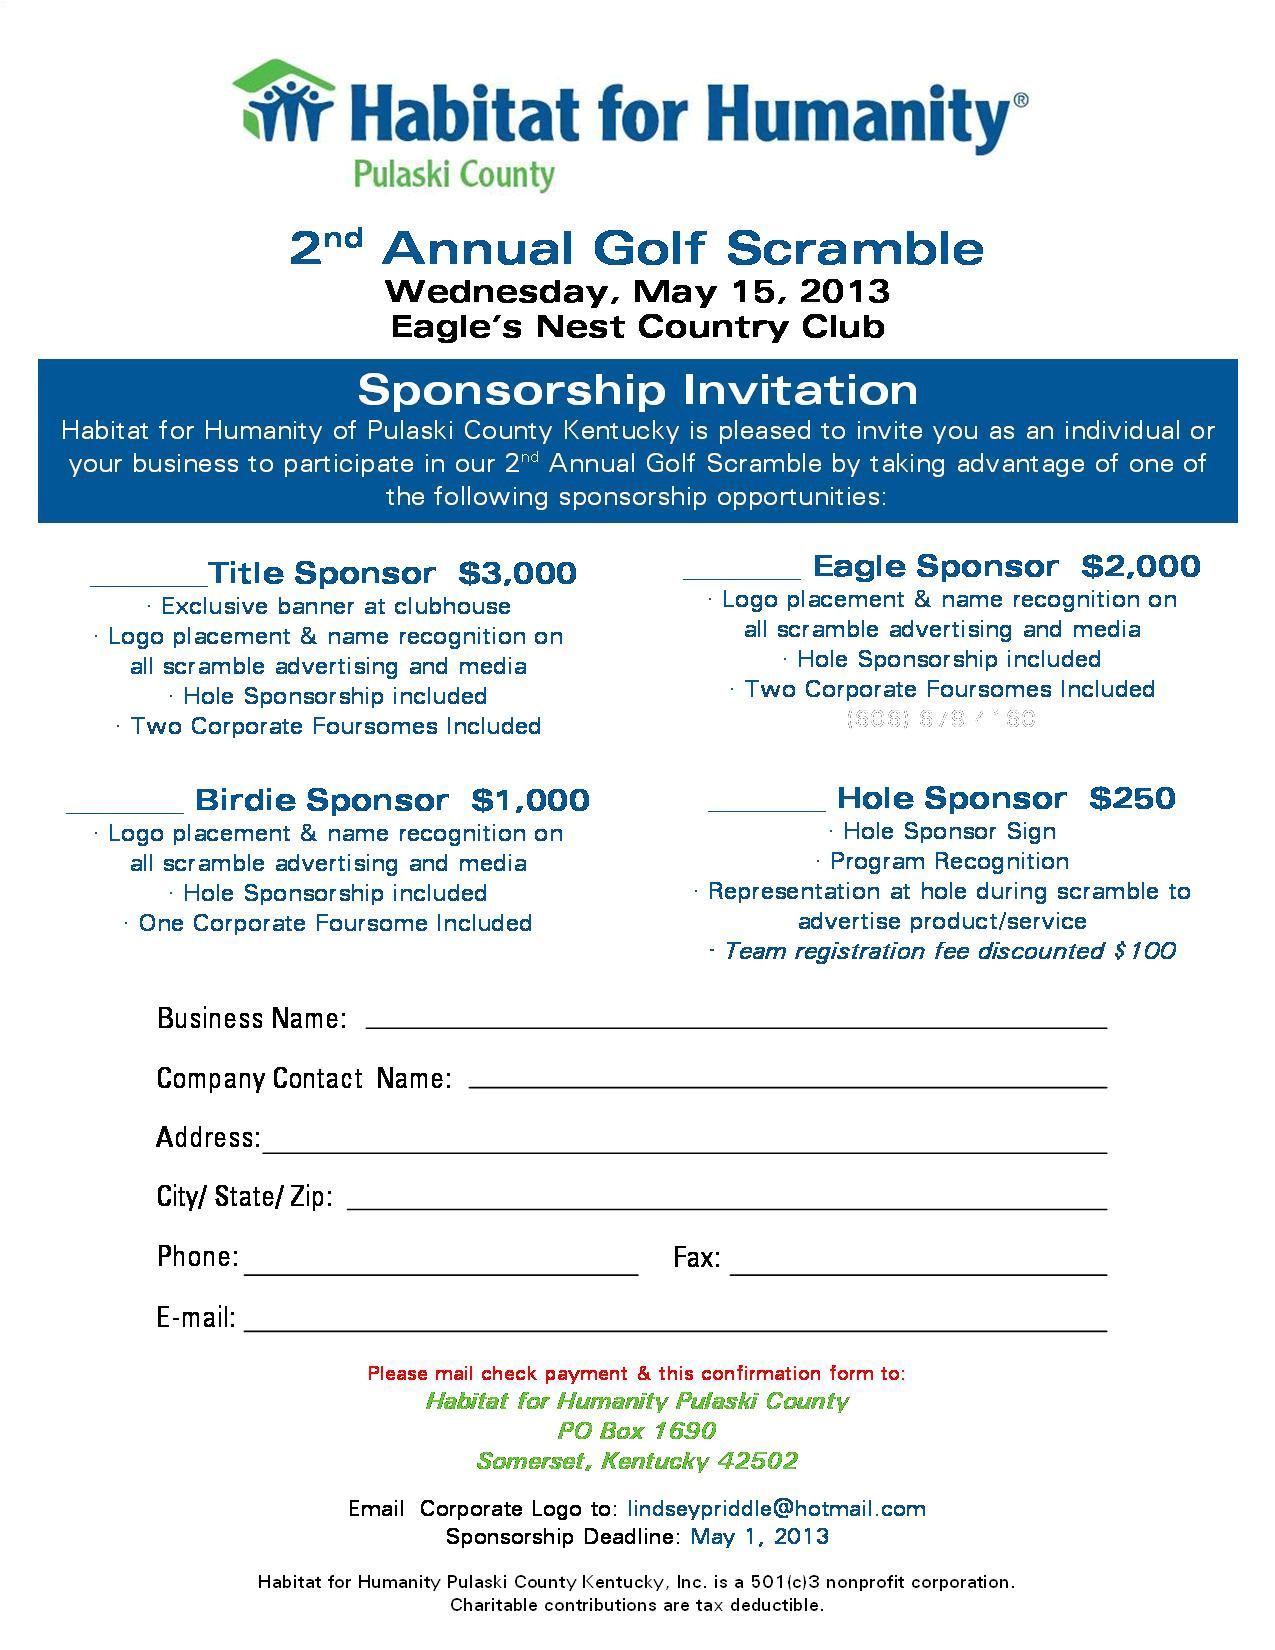 hfh golf scramble sponsorship flyer 2013